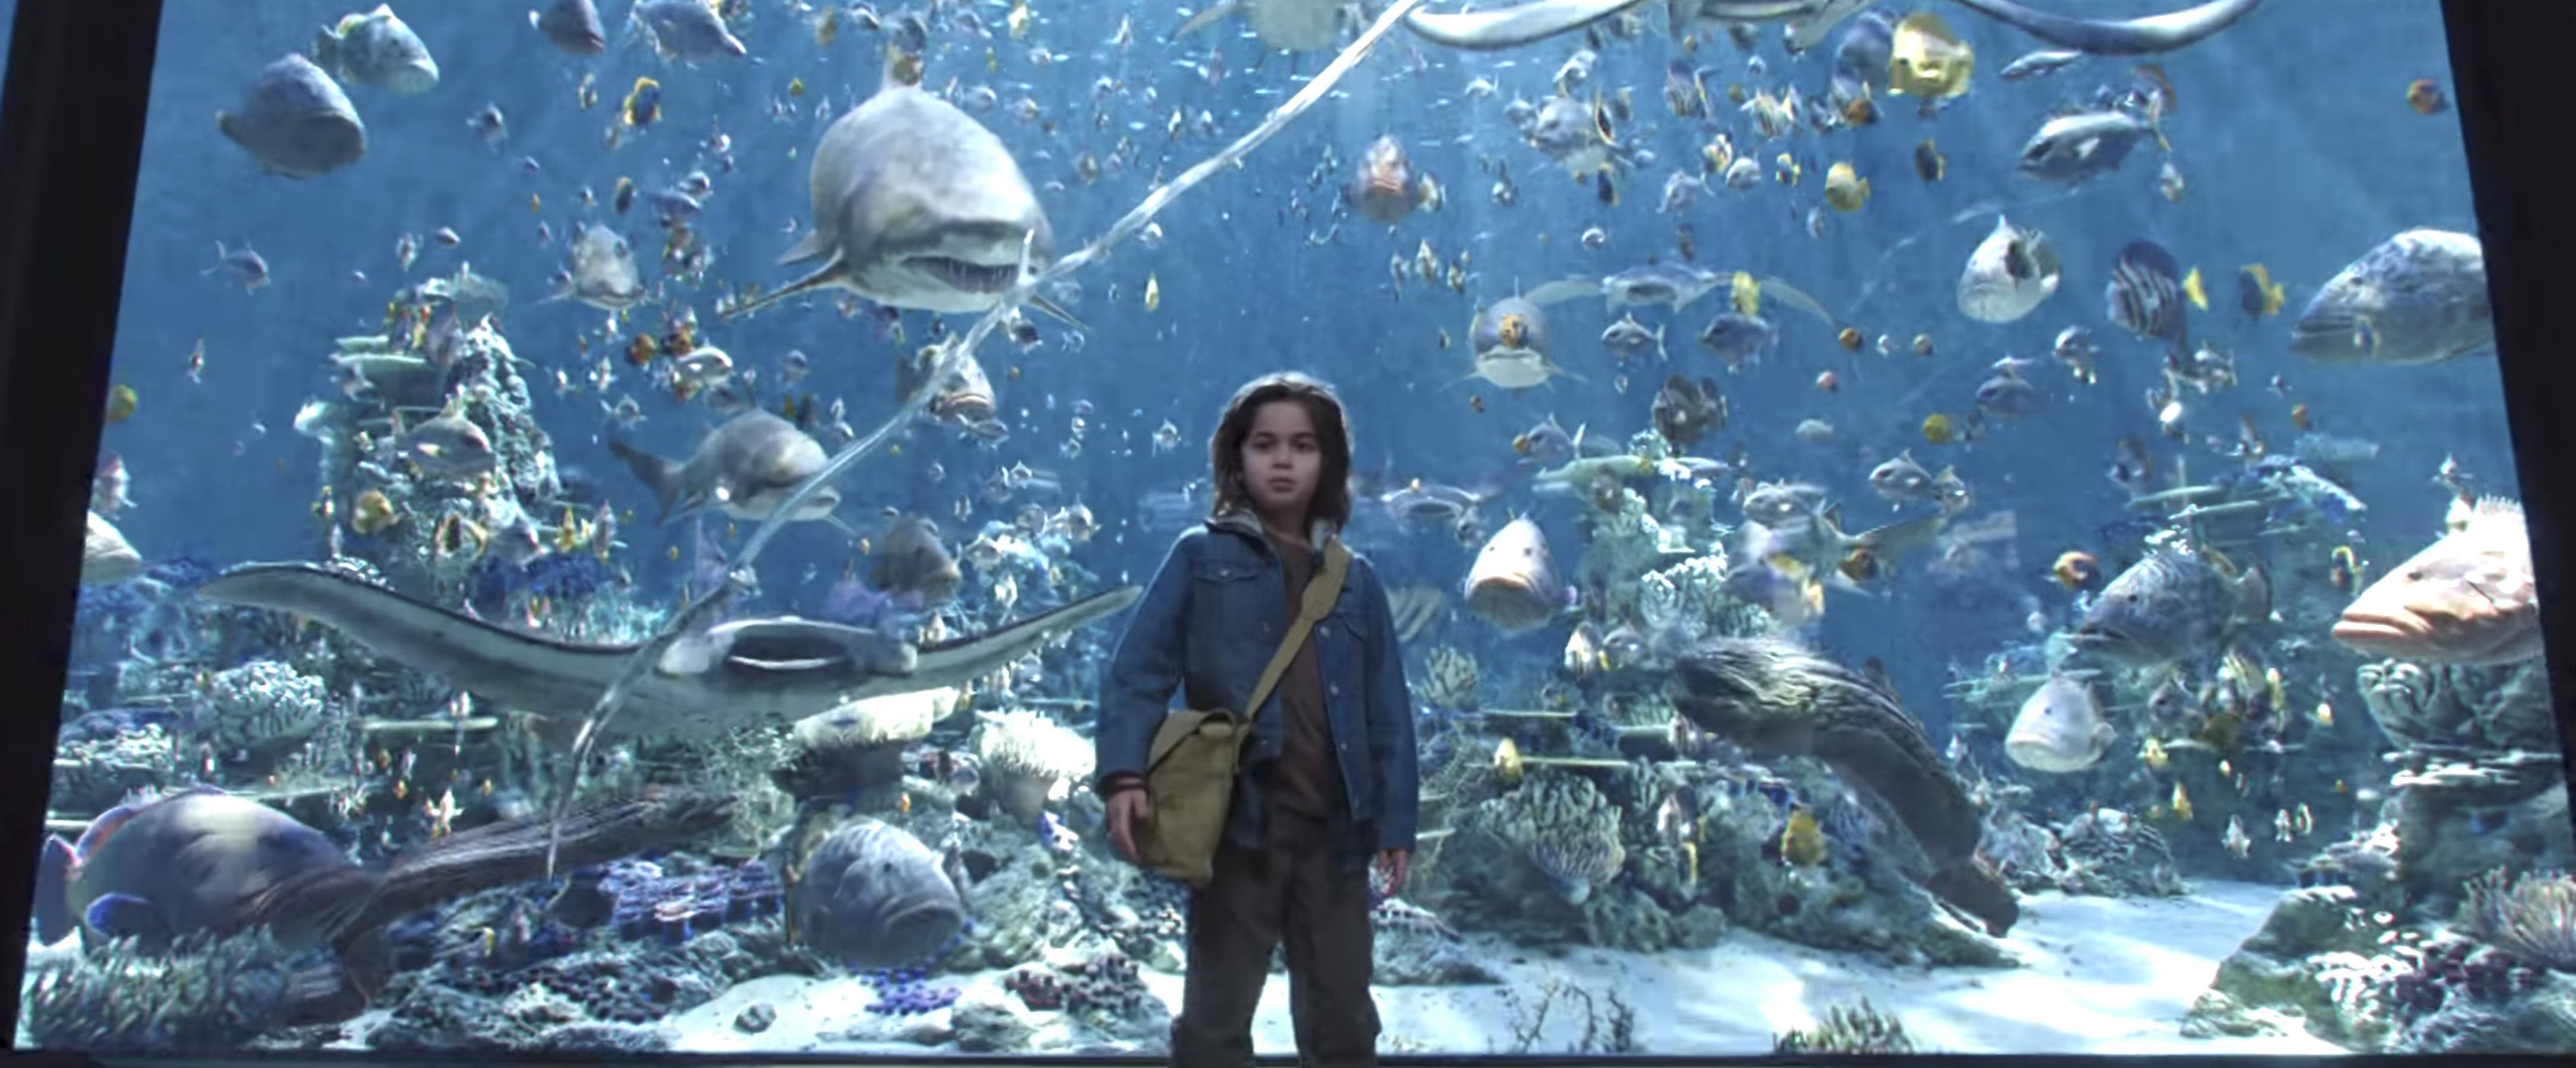 Cena do novo trailer de Aquaman. (Foto: Reprodução)